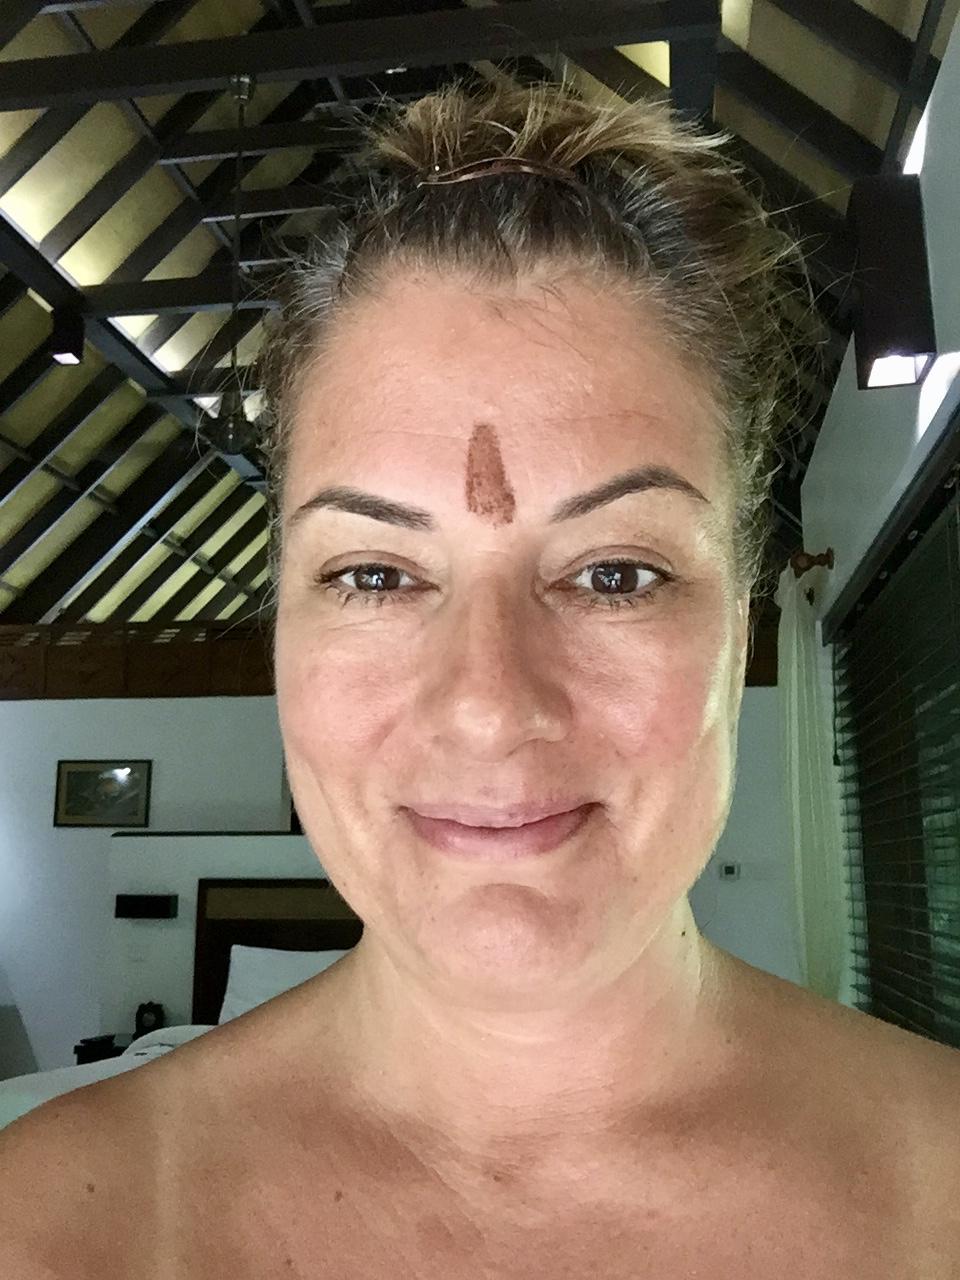 Carnoustie - Selfie - After Treatments